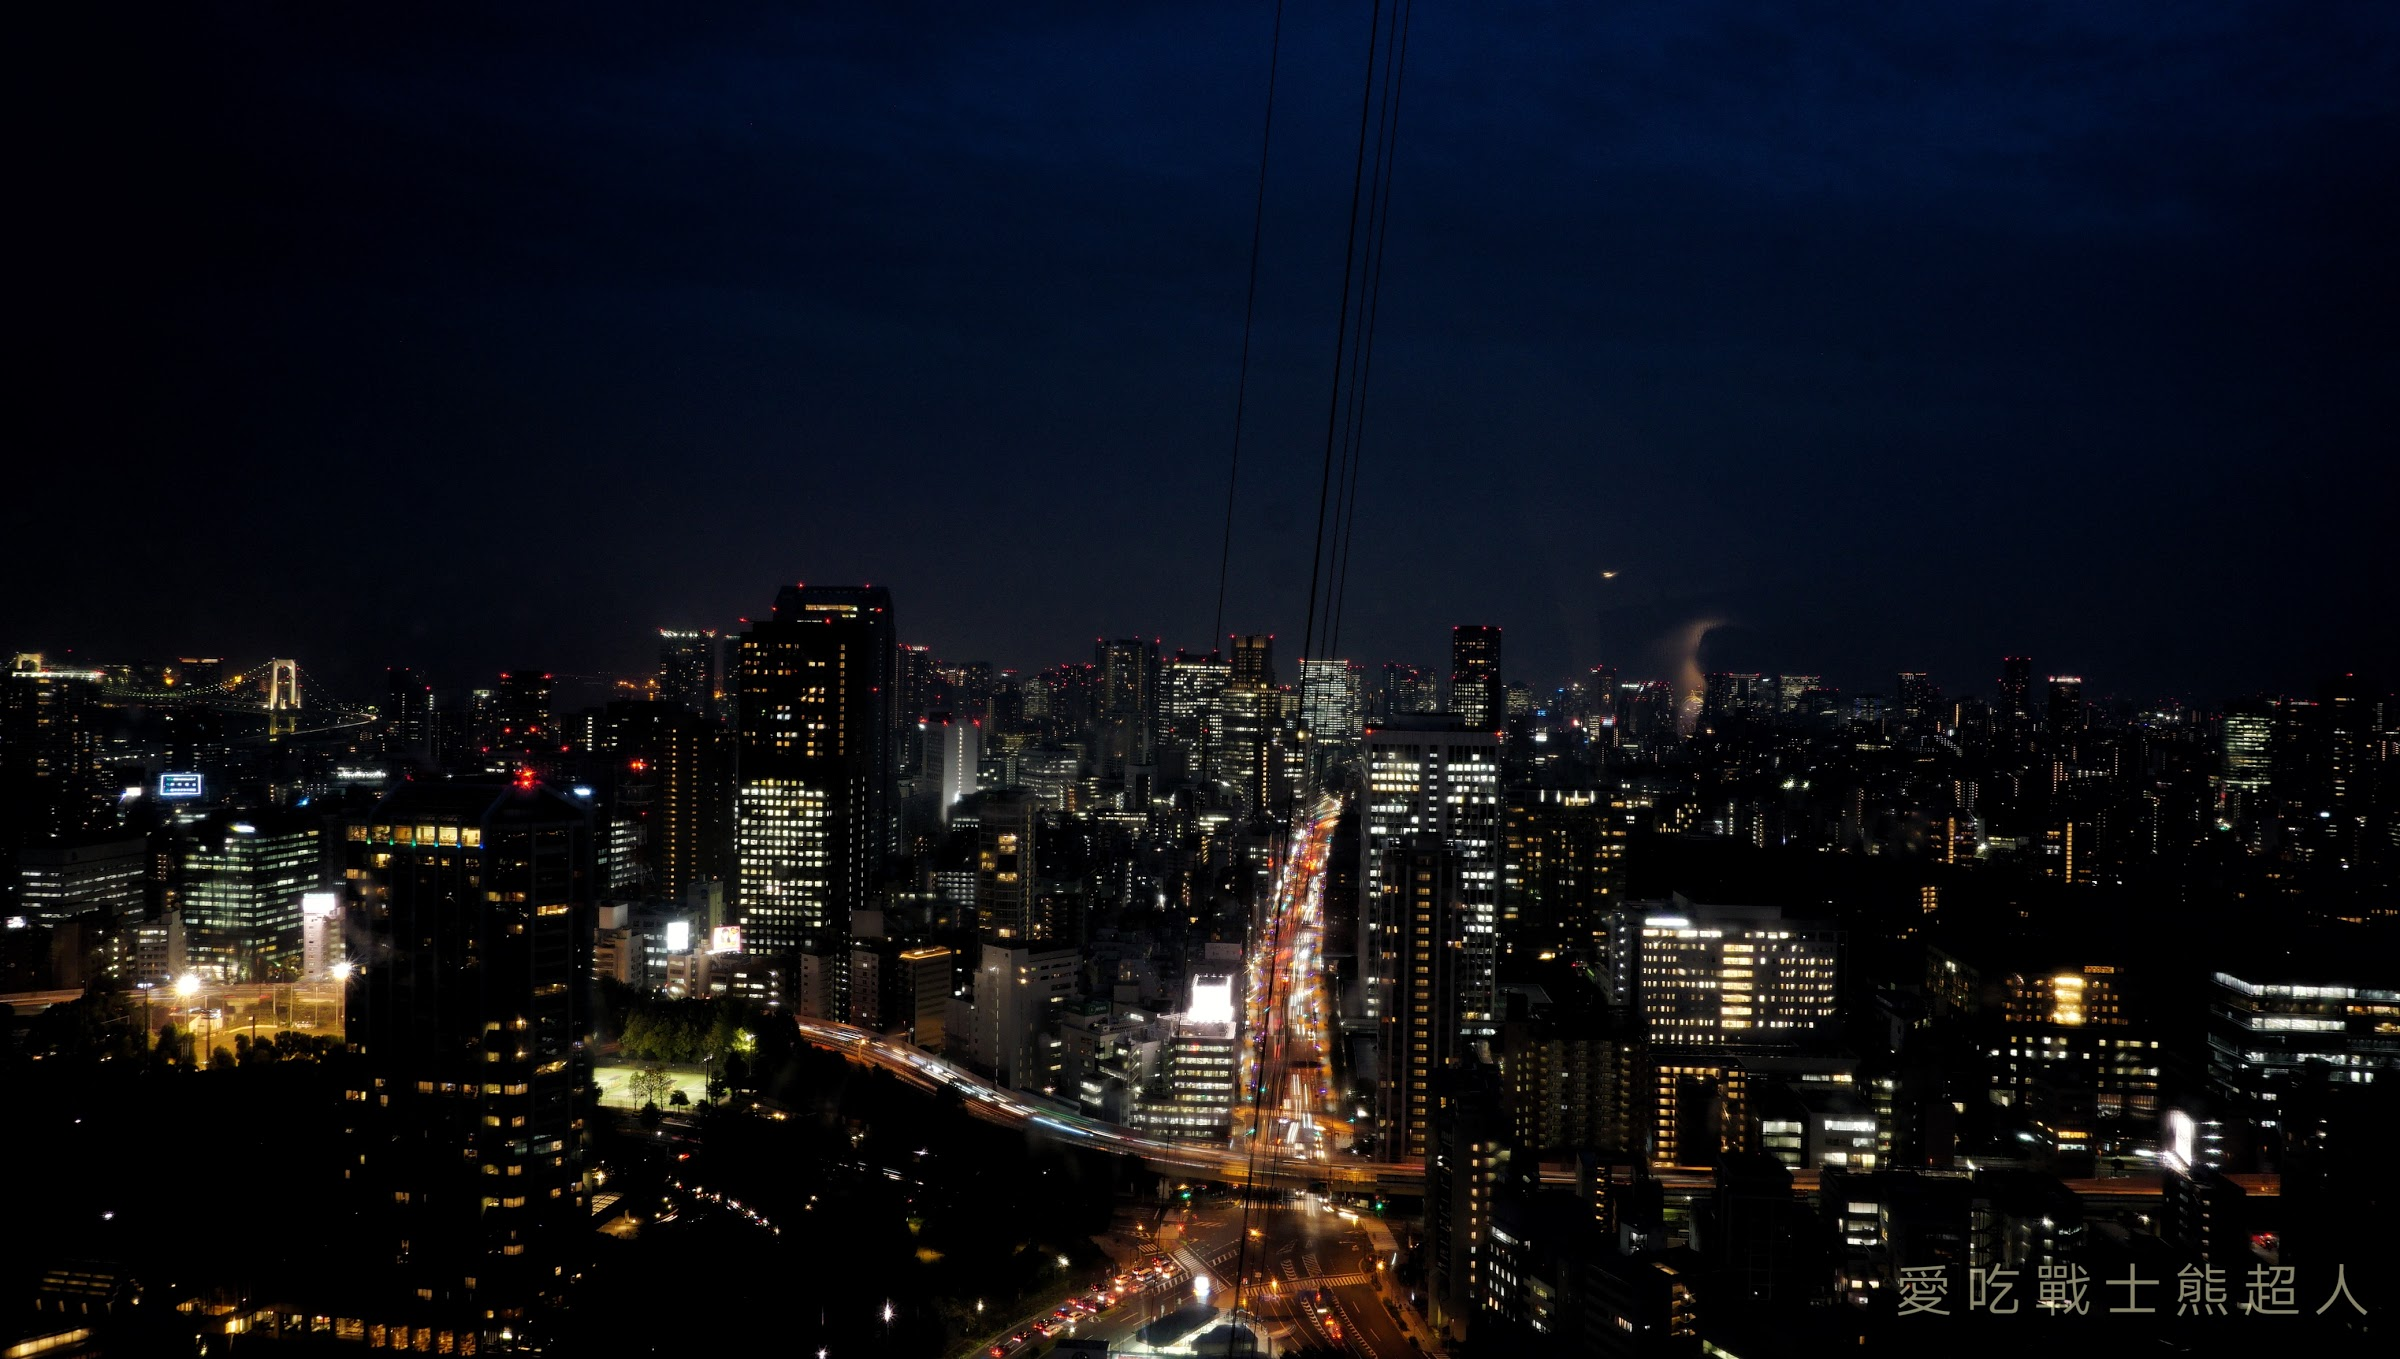 。東京 必訪。東京鐵塔:大展望台夜景,成就解鎖